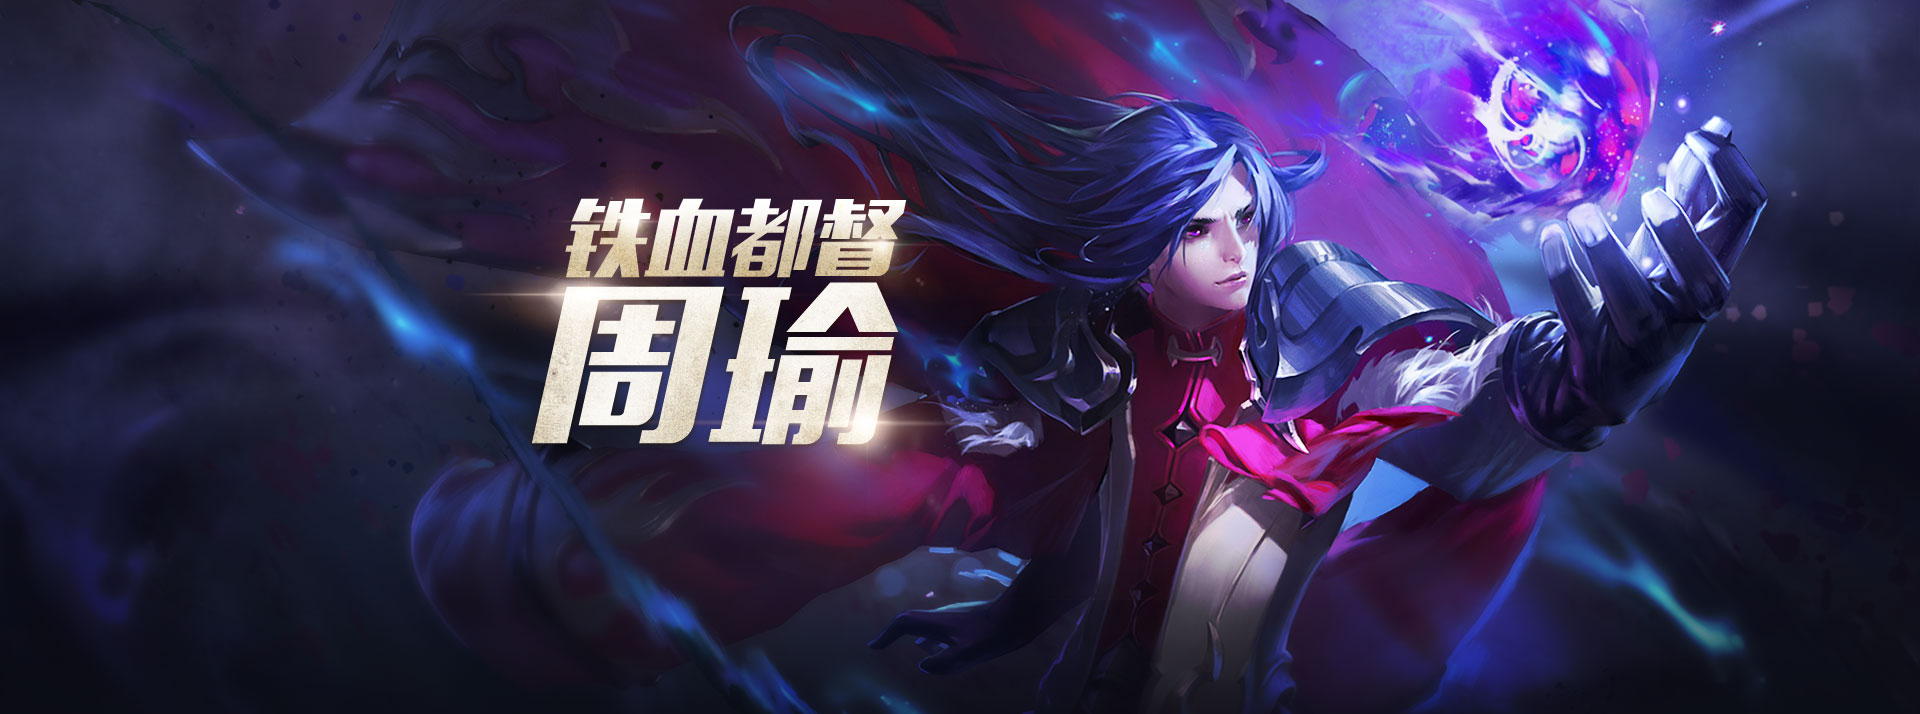 第2弹《王者荣耀英雄皮肤CG》竞技游戏105